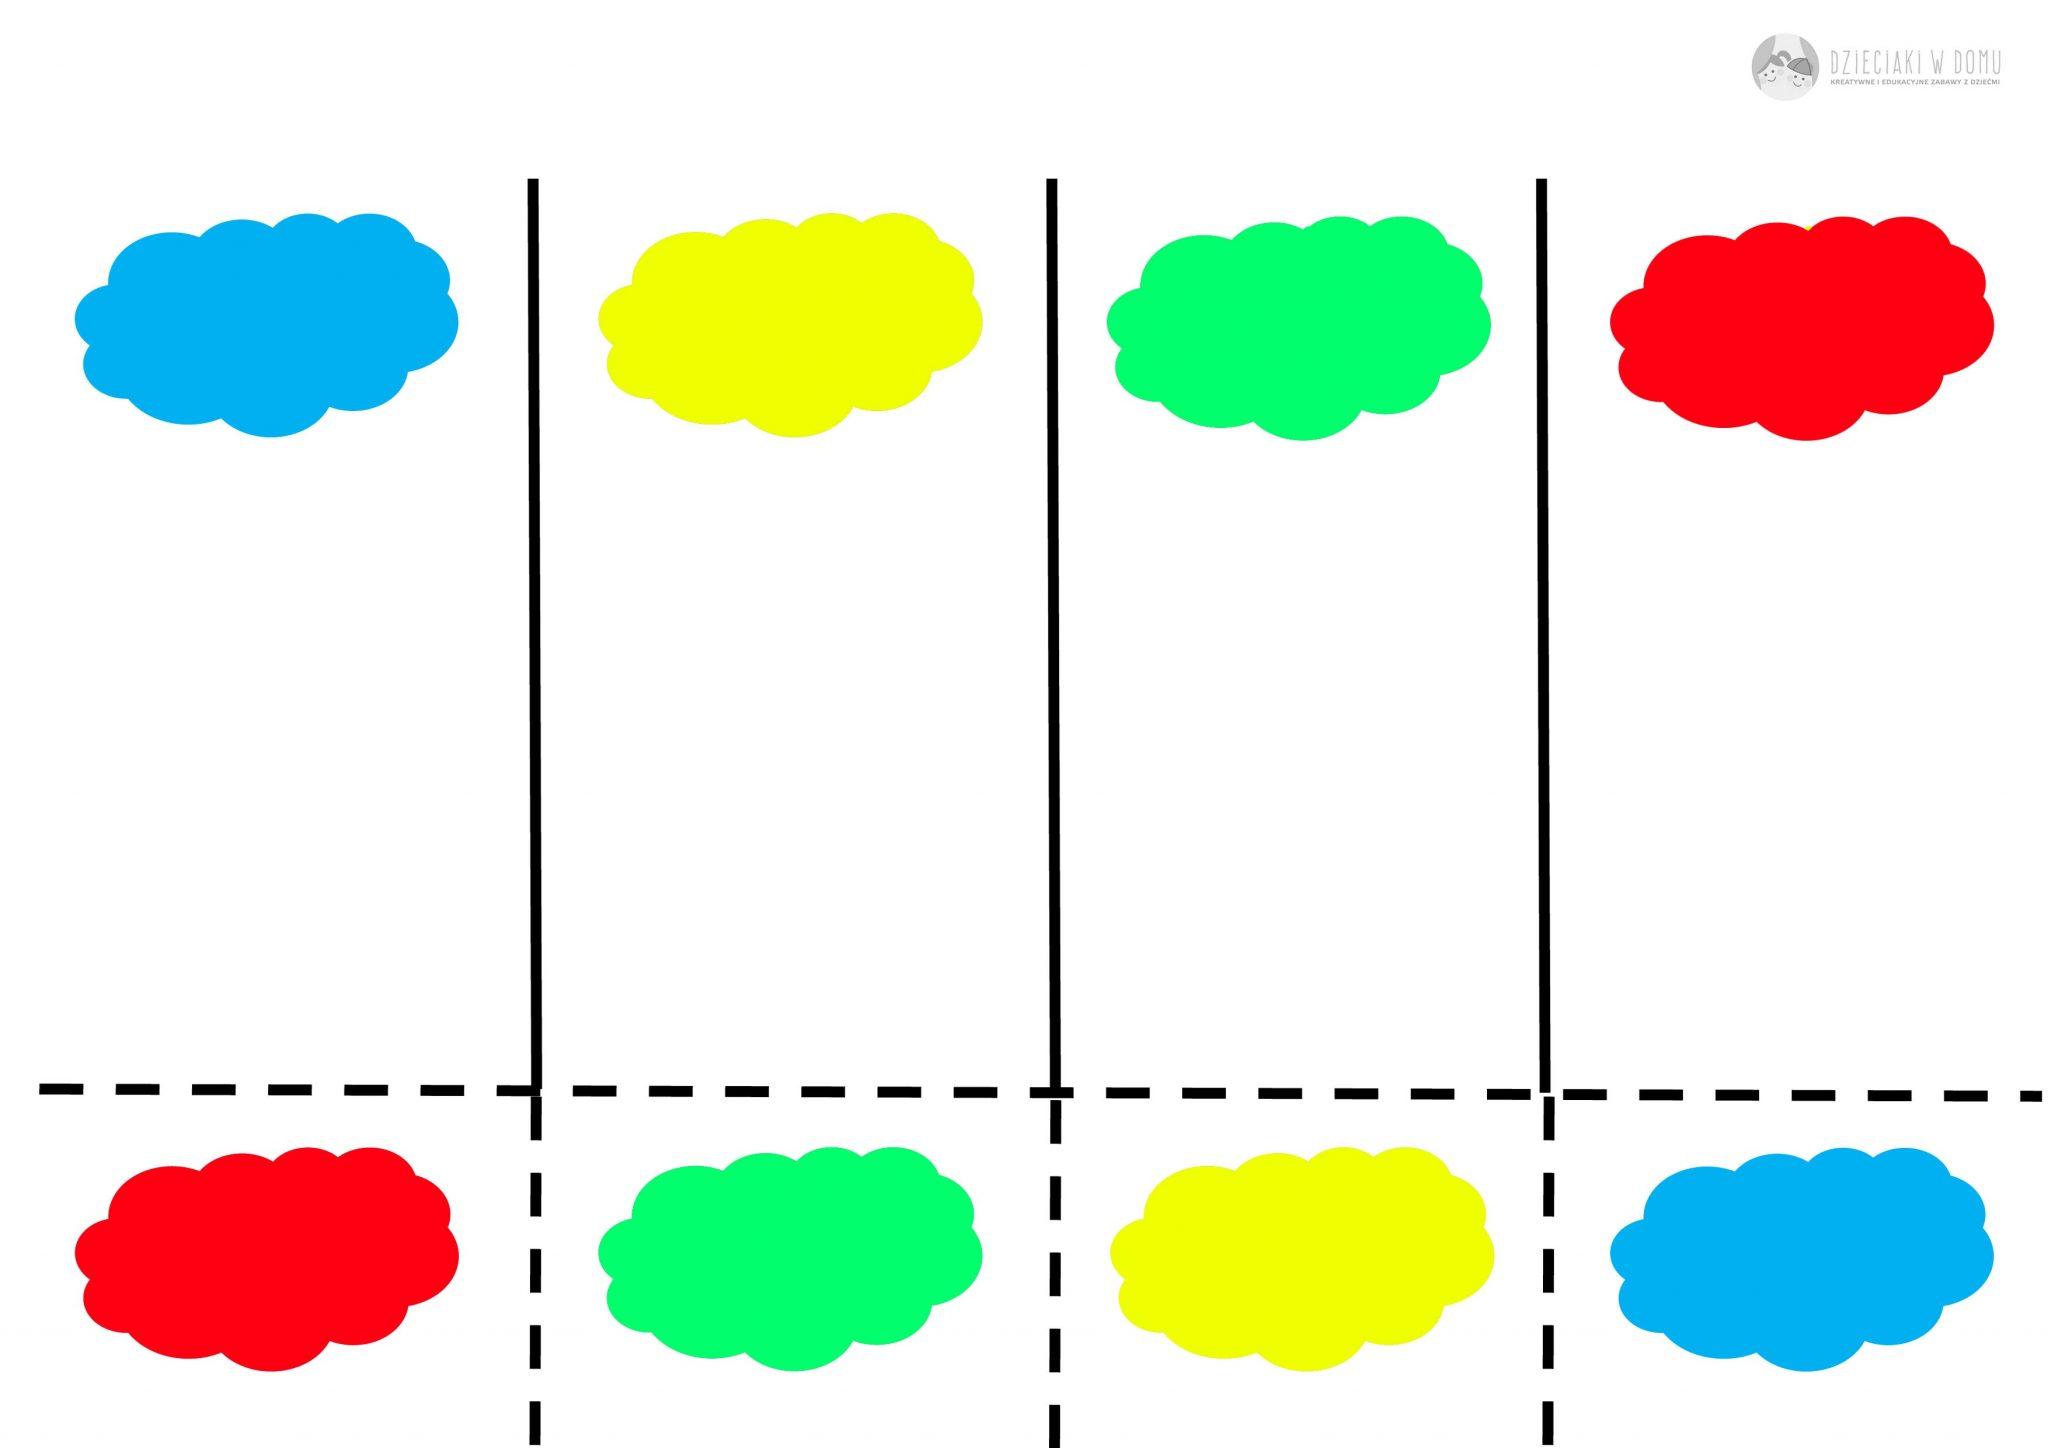 chmury w podstawowych kolorach - karta pracy dla dzieci